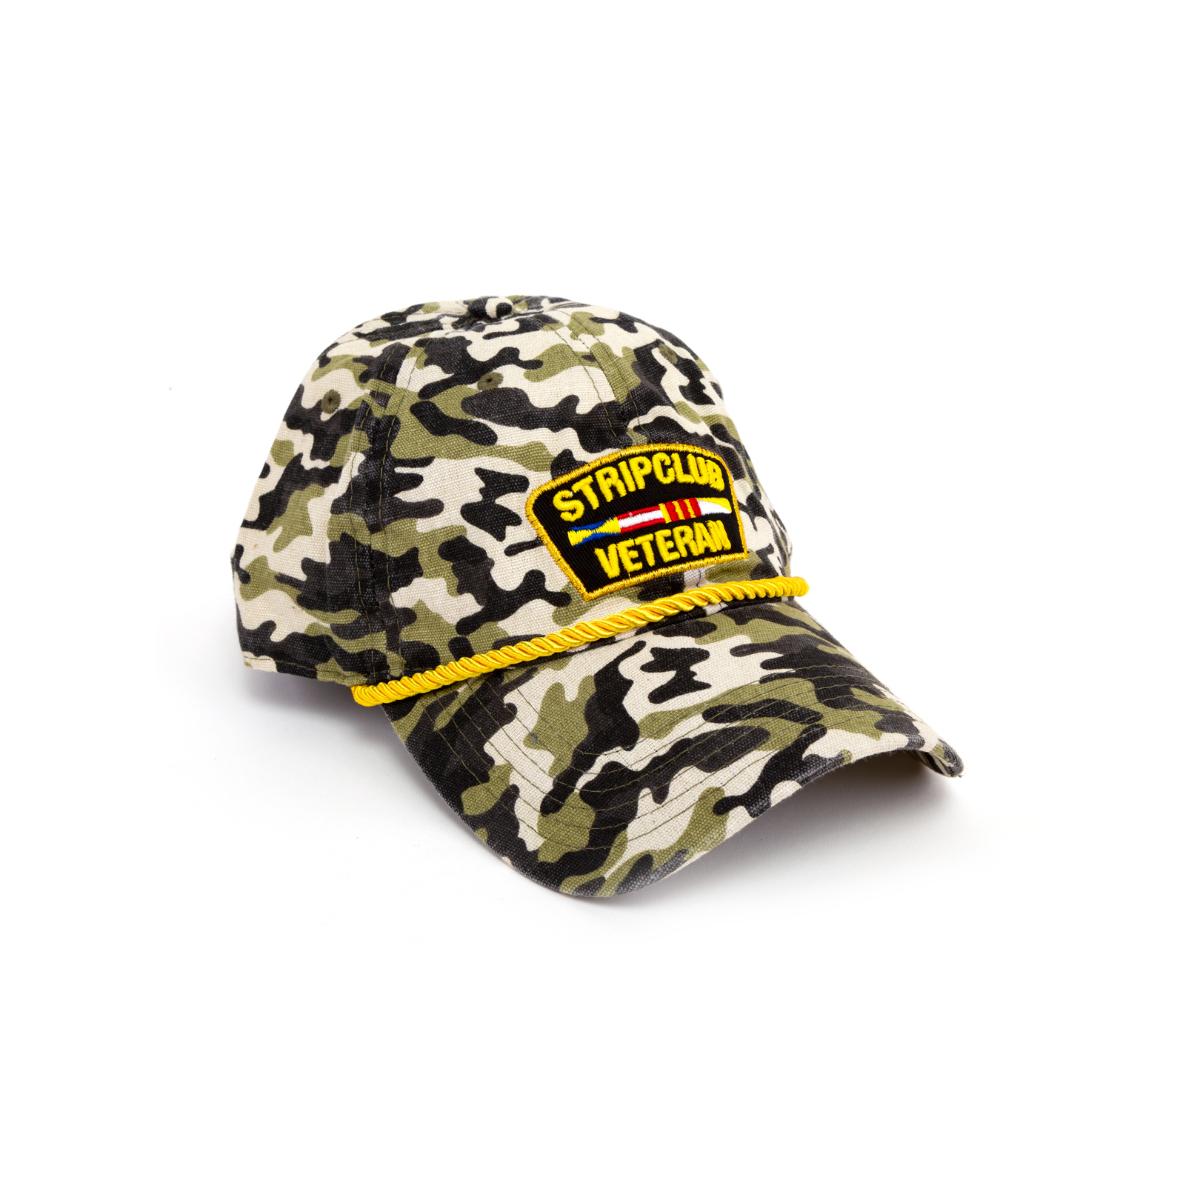 Strip Club Veteran Dad Hat - Camo